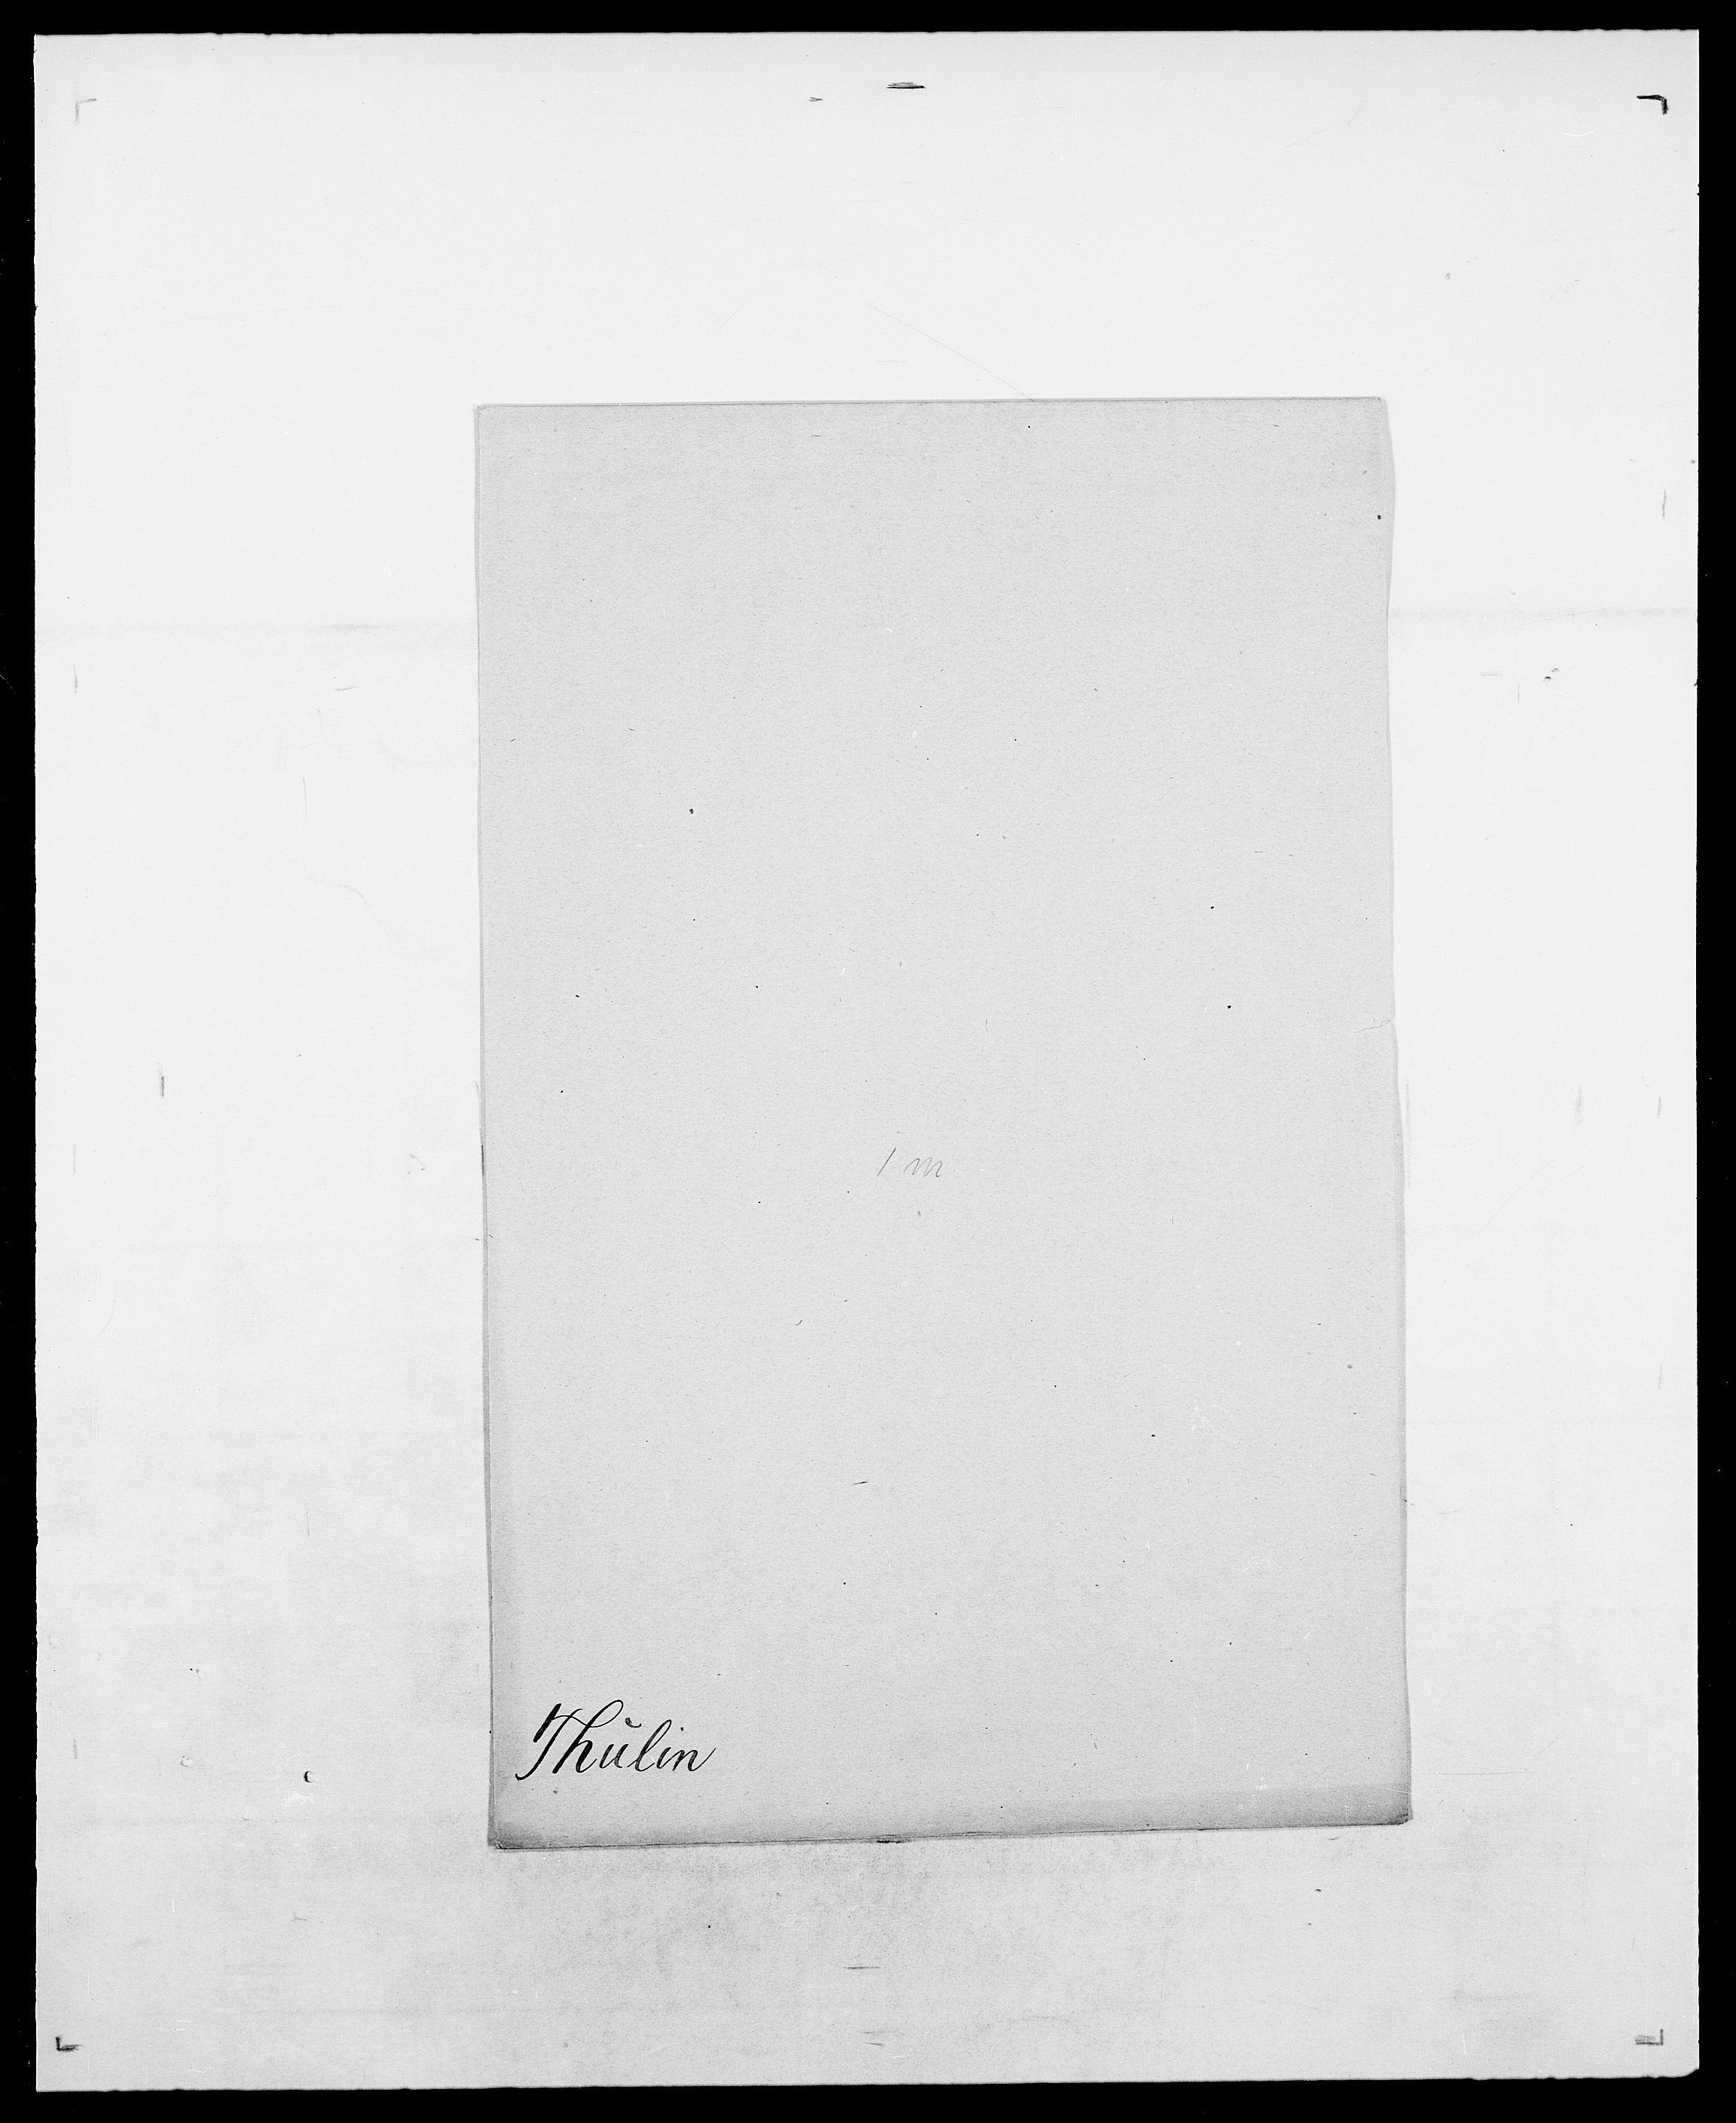 SAO, Delgobe, Charles Antoine - samling, D/Da/L0038: Svanenskjold - Thornsohn, s. 1021